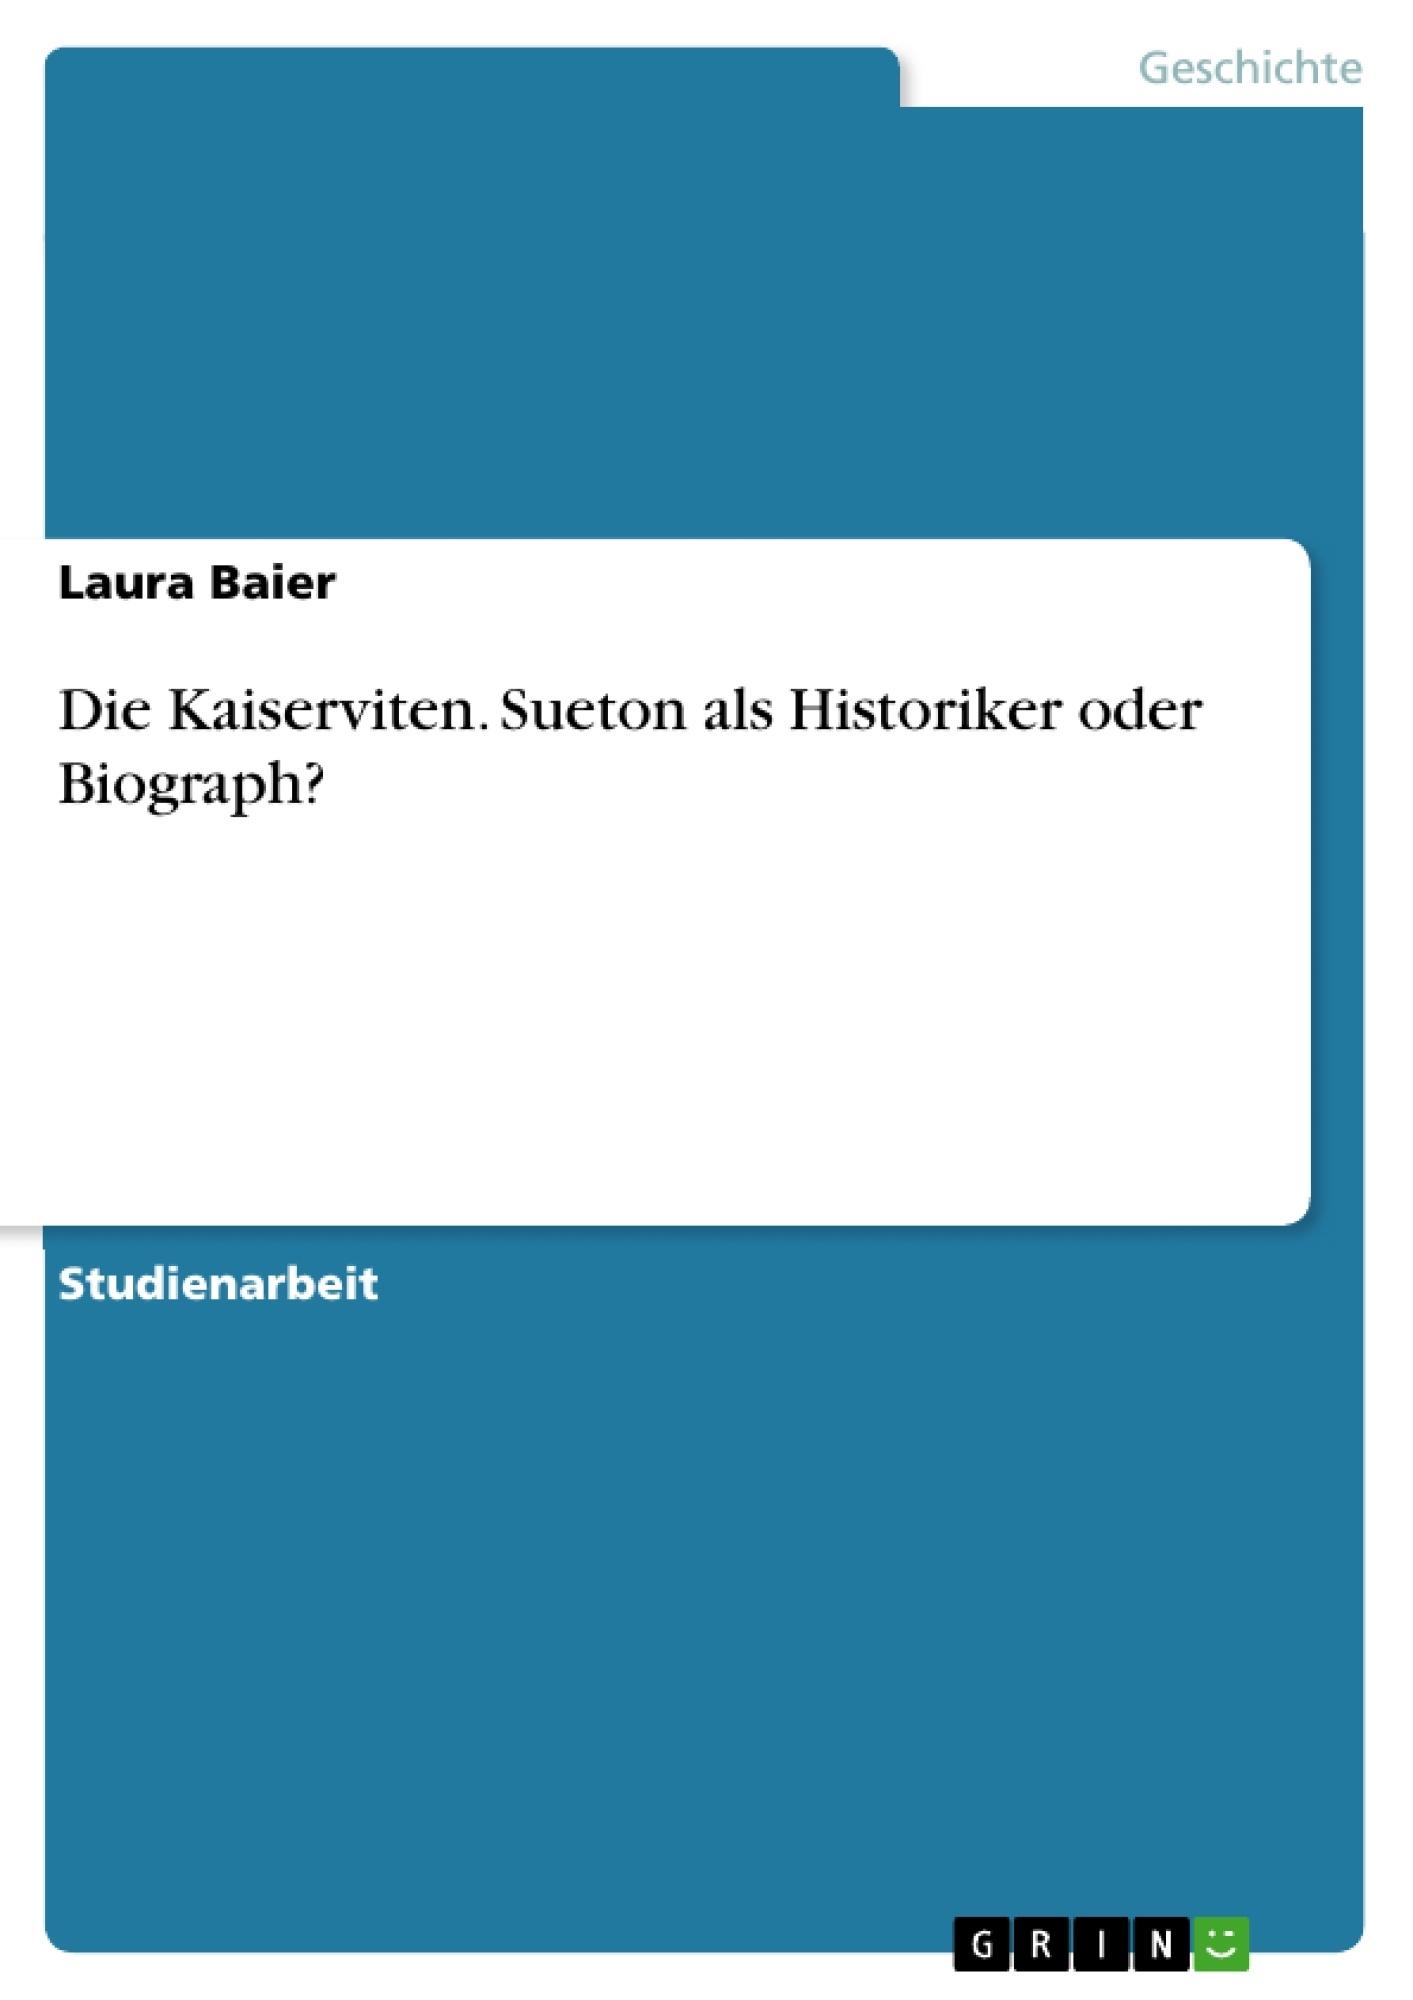 Titel: Die Kaiserviten. Sueton als Historiker oder Biograph?